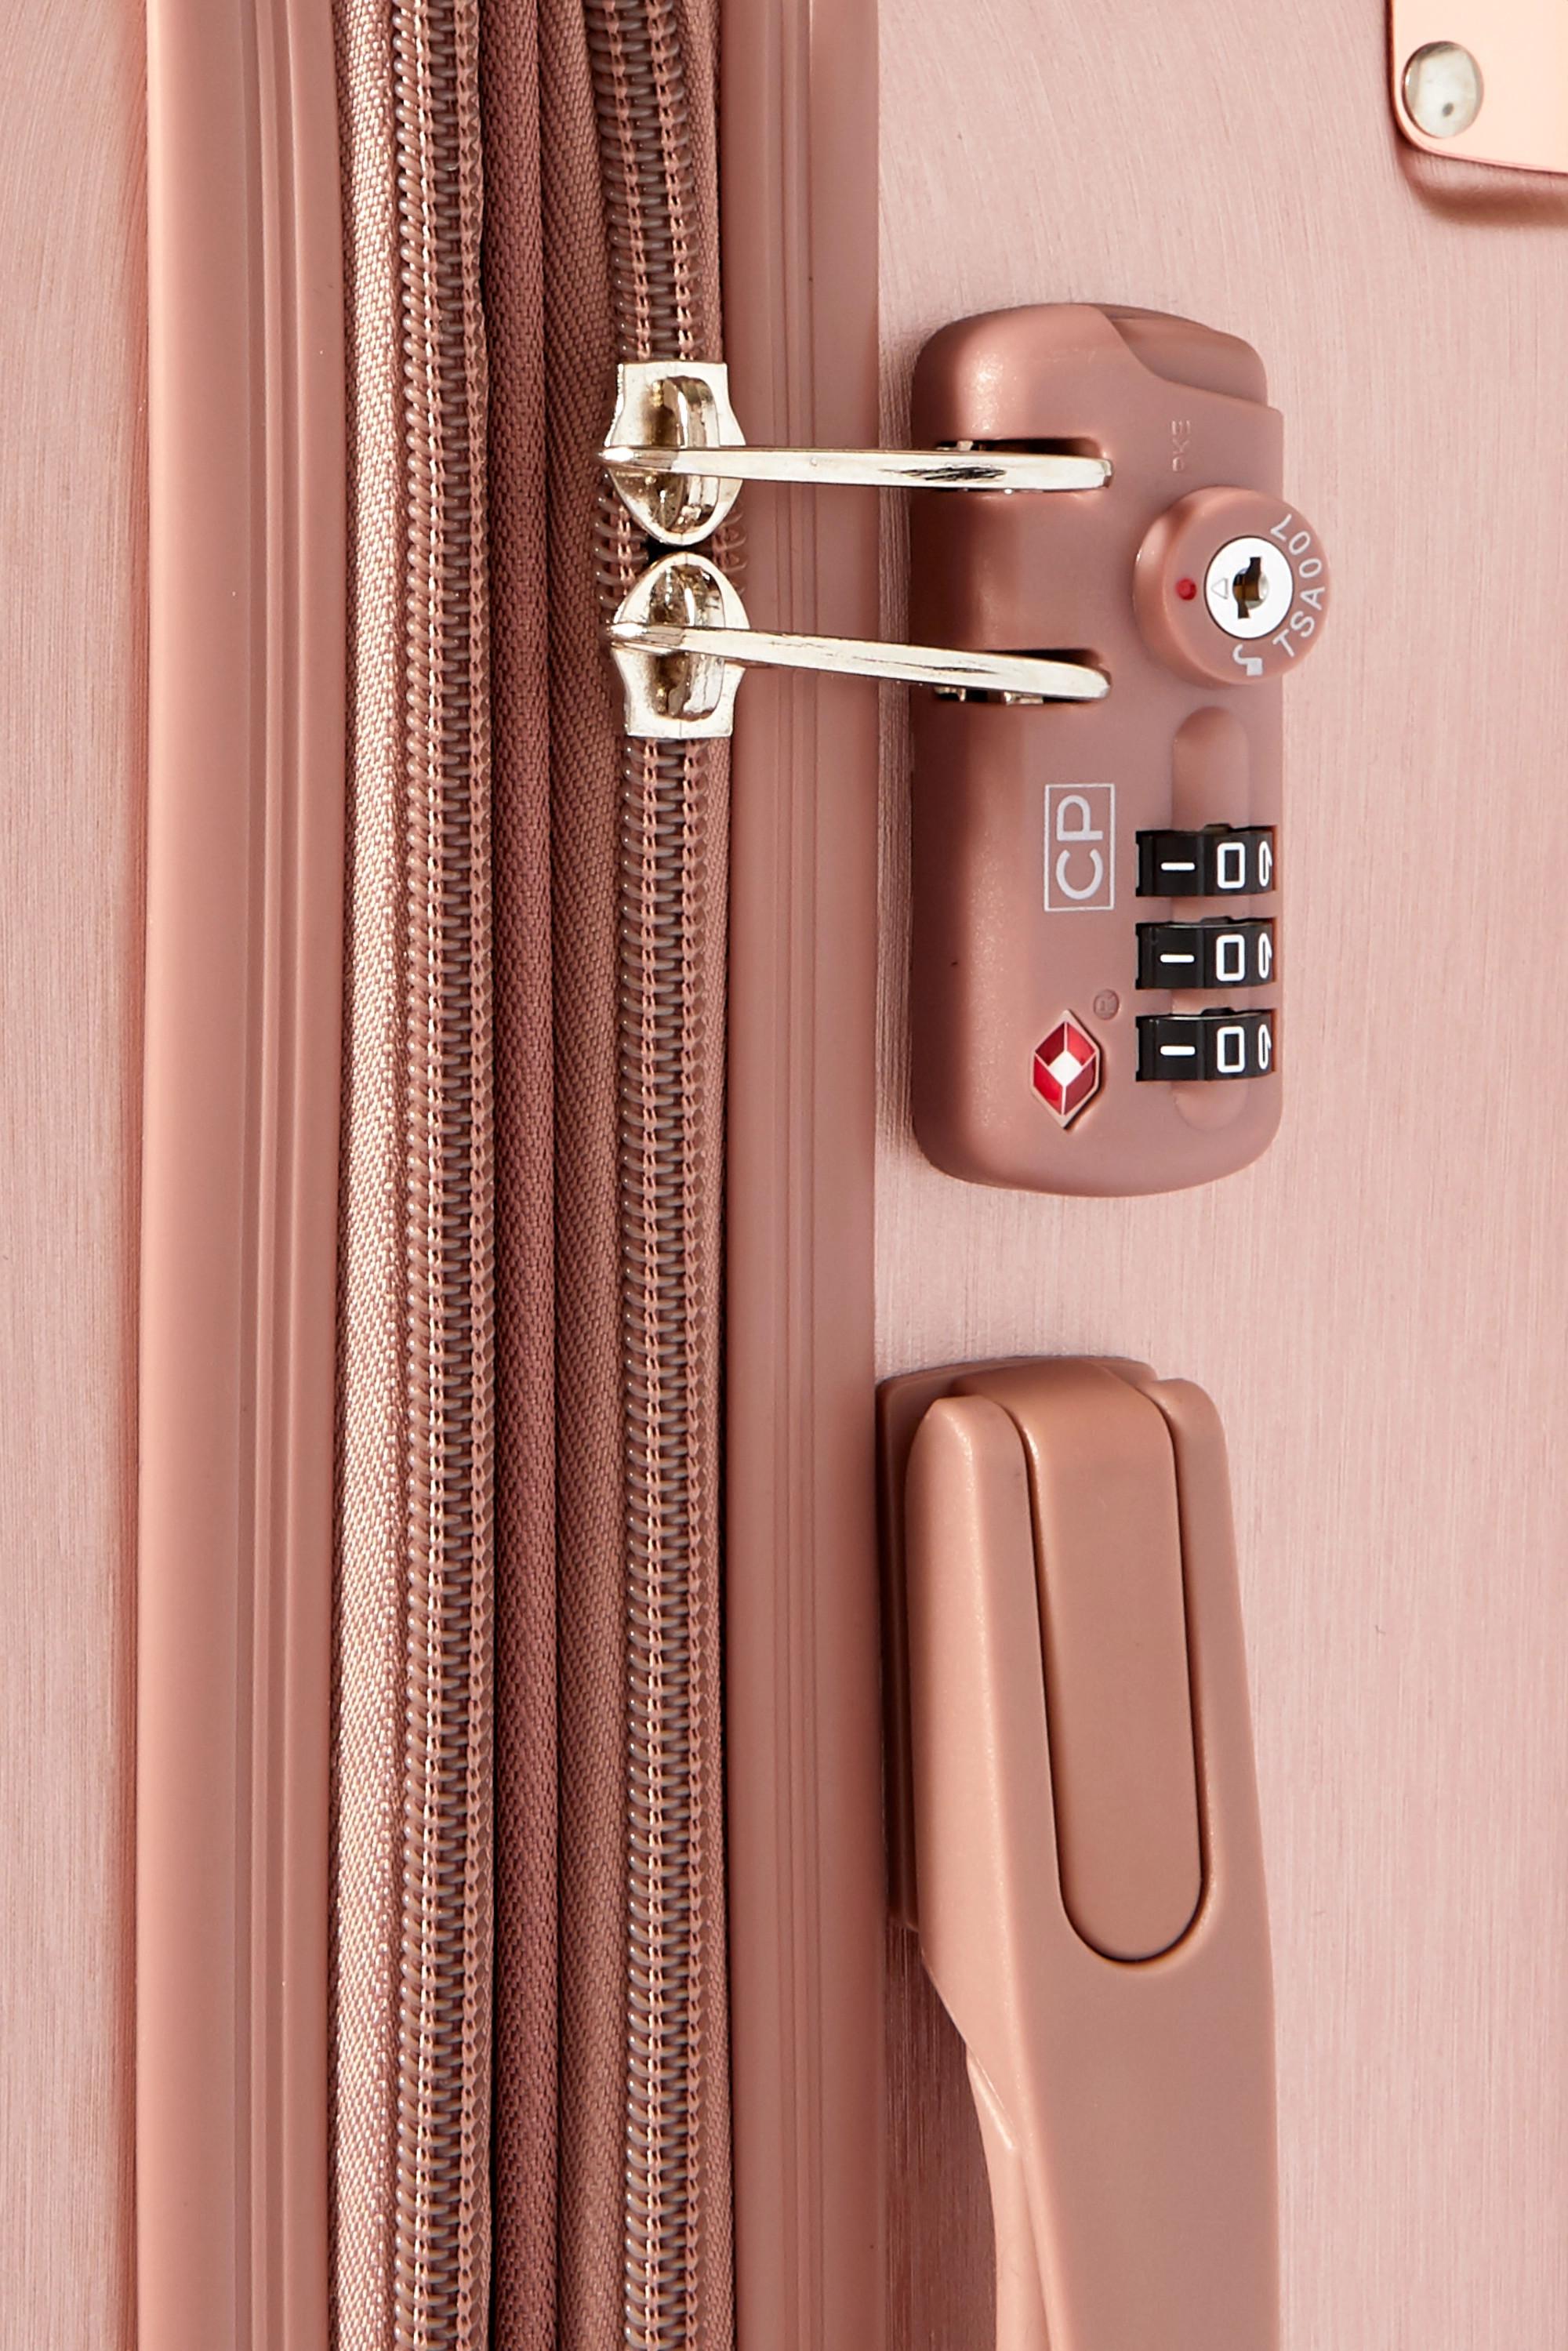 CALPAK Ambeur Carry-On 硬壳随身行李箱